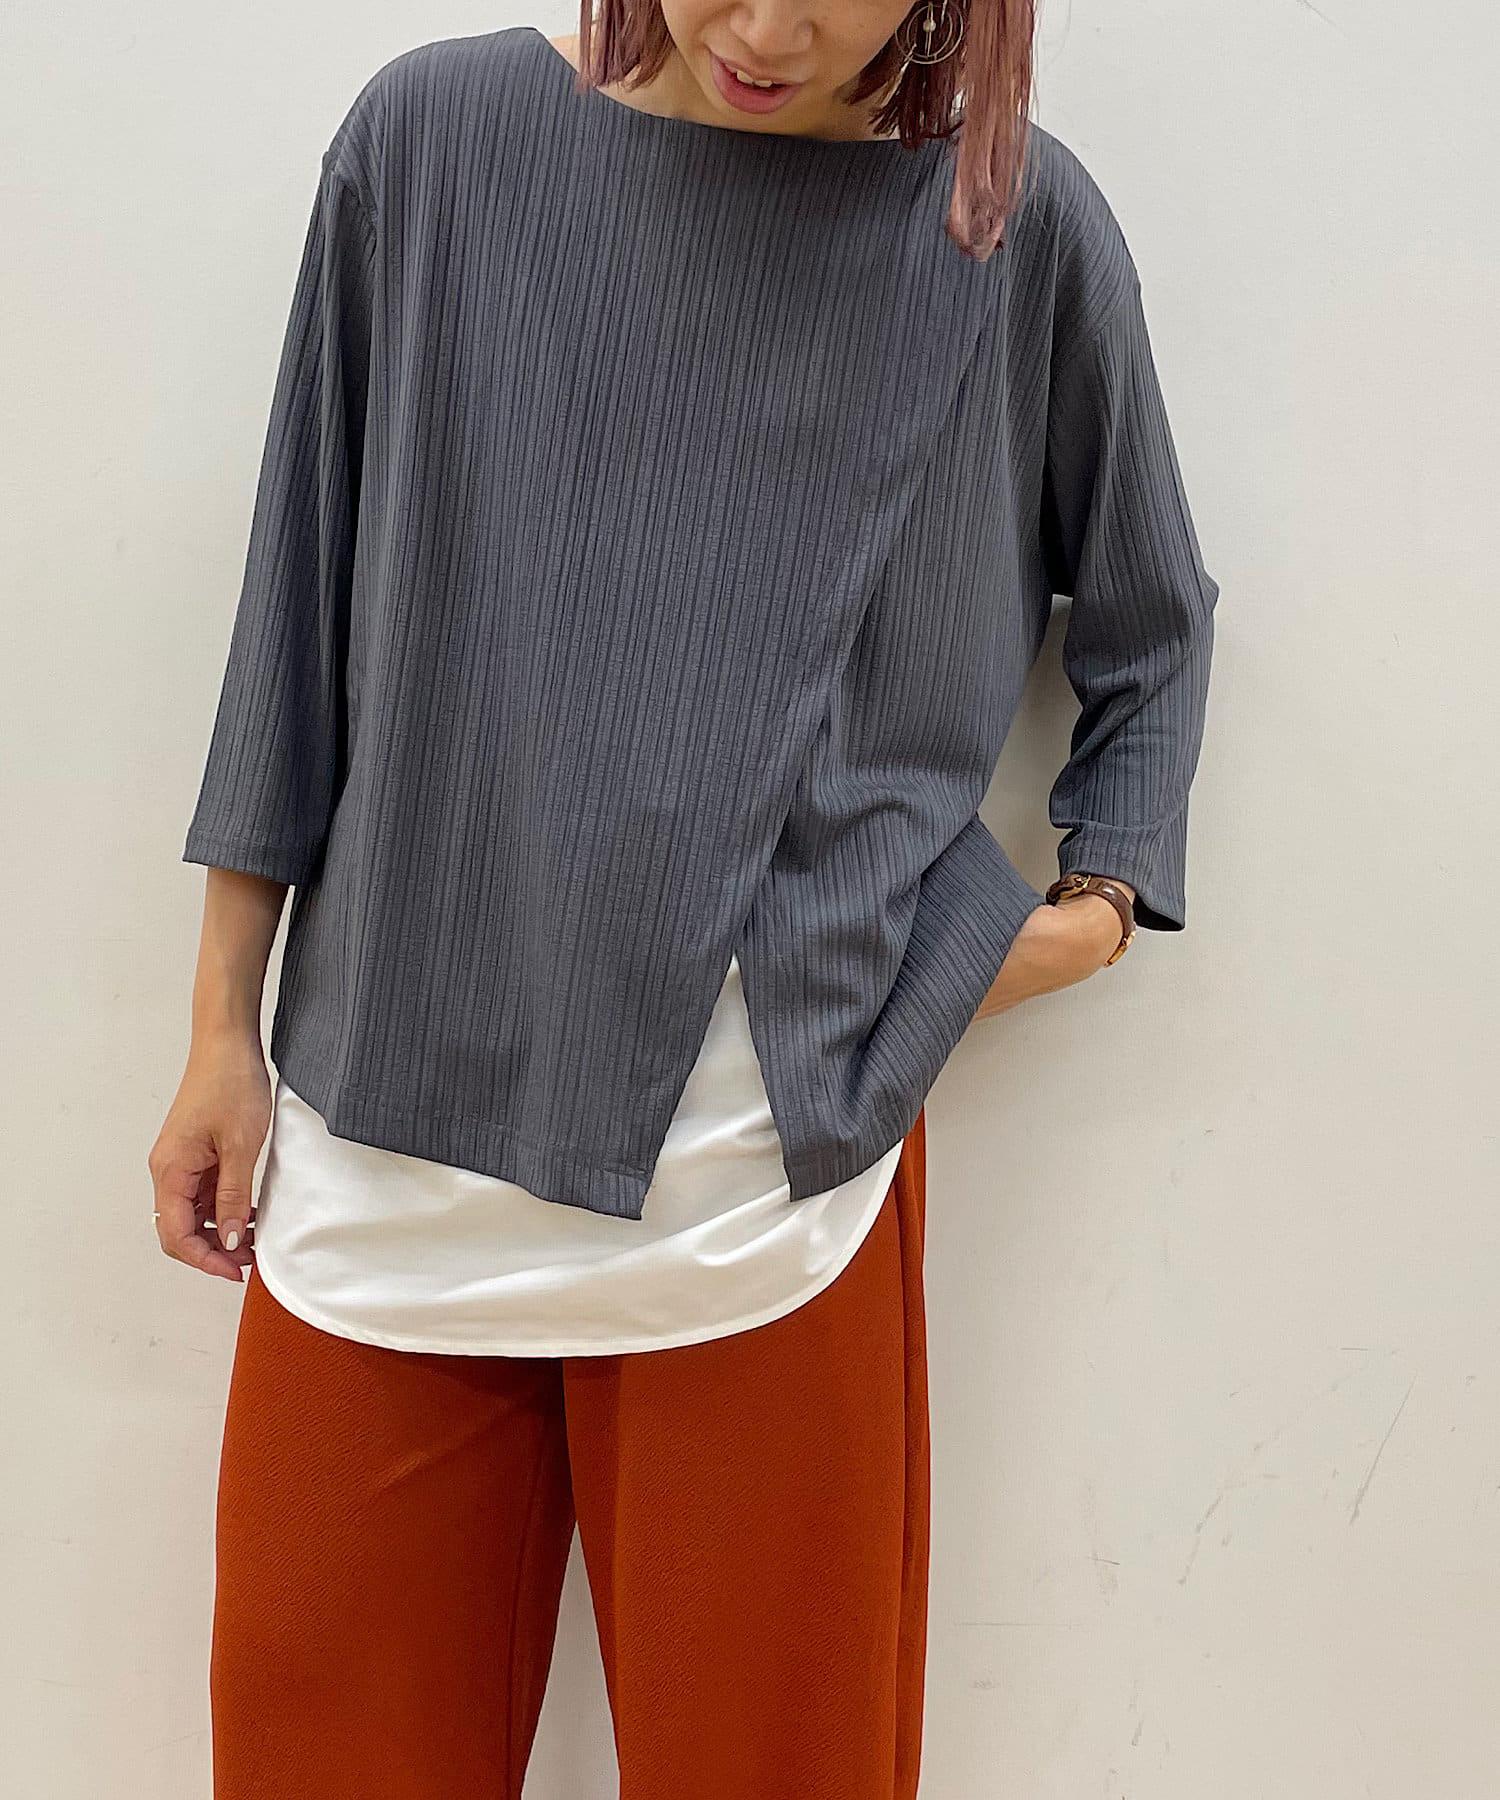 Pal collection(パルコレクション) 【着用動画あり】《WEB限定5色のカラバリ!》シャツレイヤード7分袖チュニック